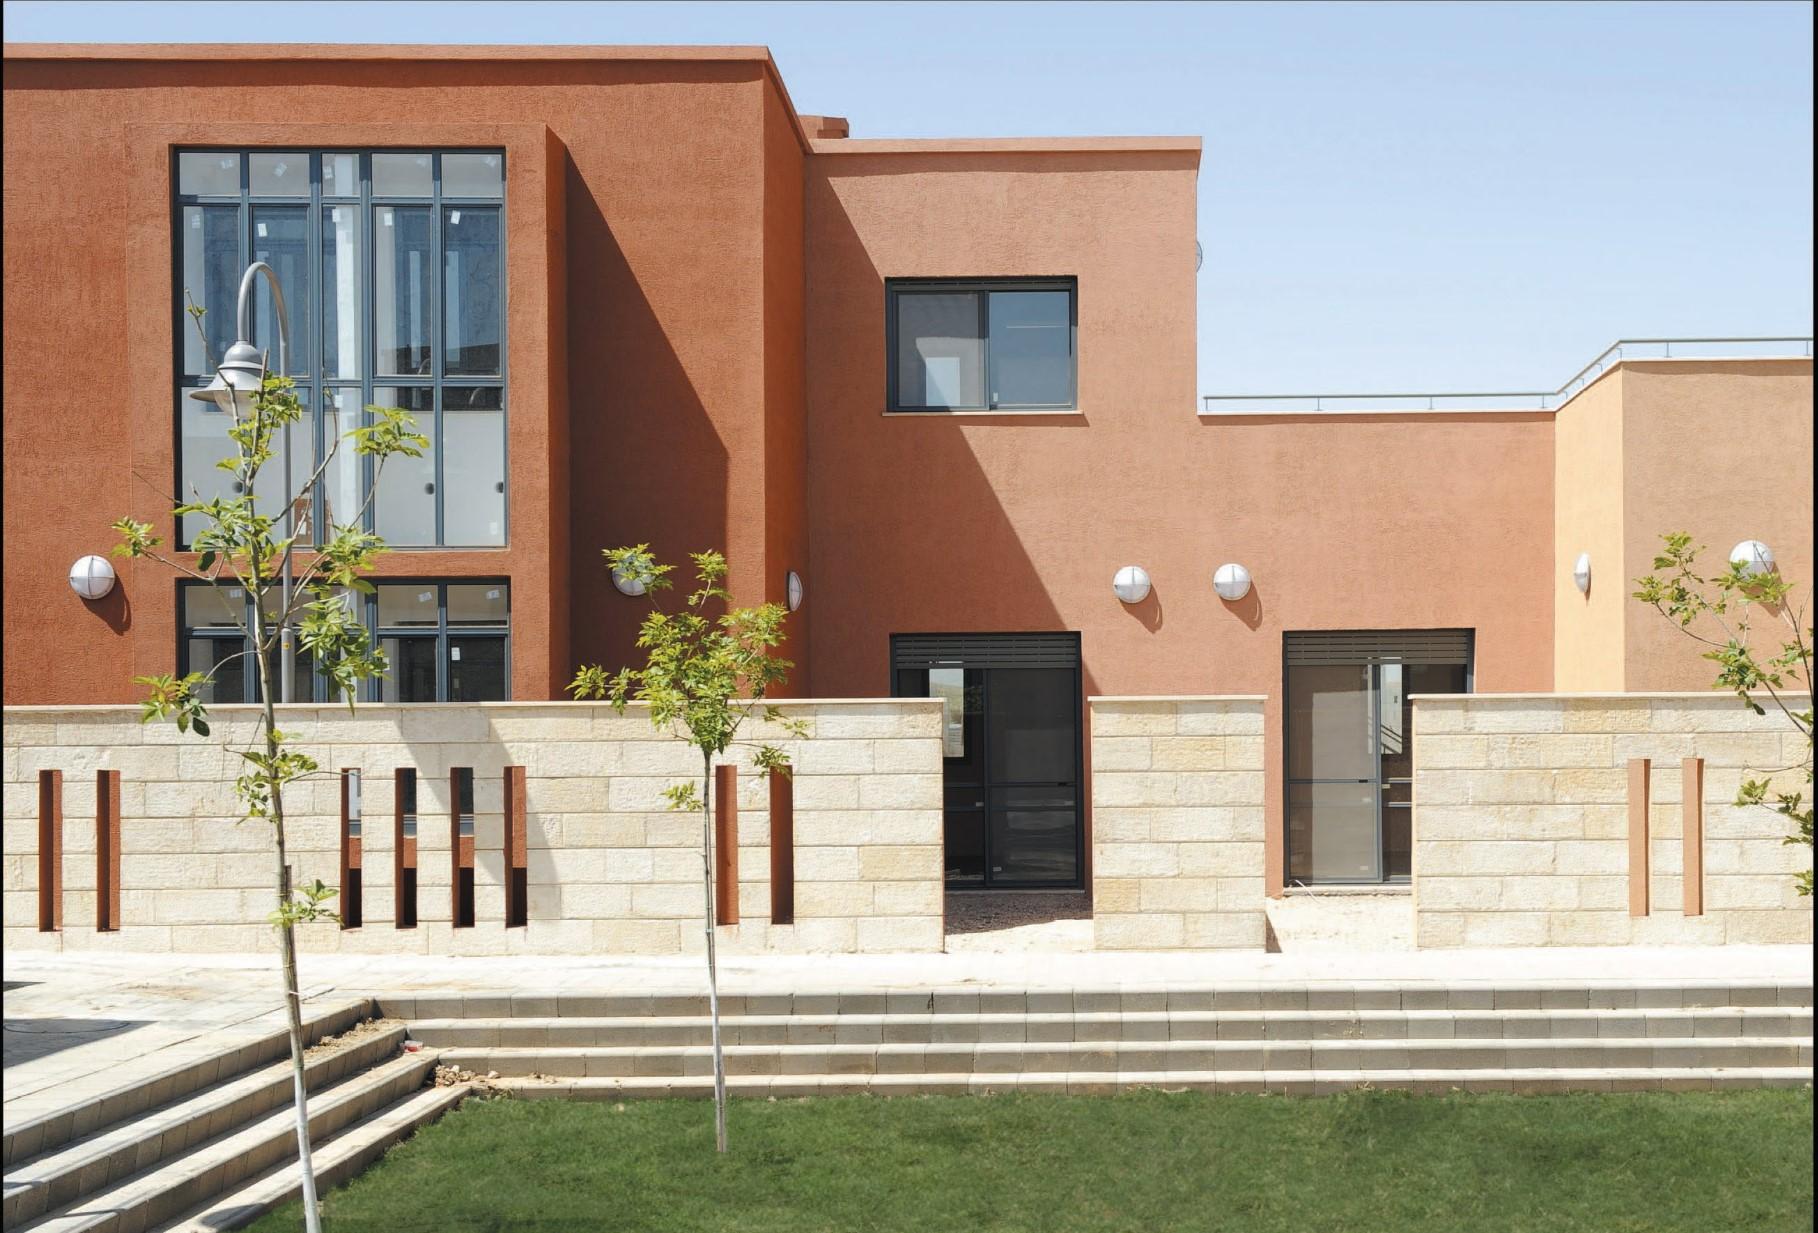 (צילום: עודד סמדר, באדיבות ליננברג רוזן אדריכלים. מעונות הסטודנטים  אוניברסיטת בן-גוריון בנגב )